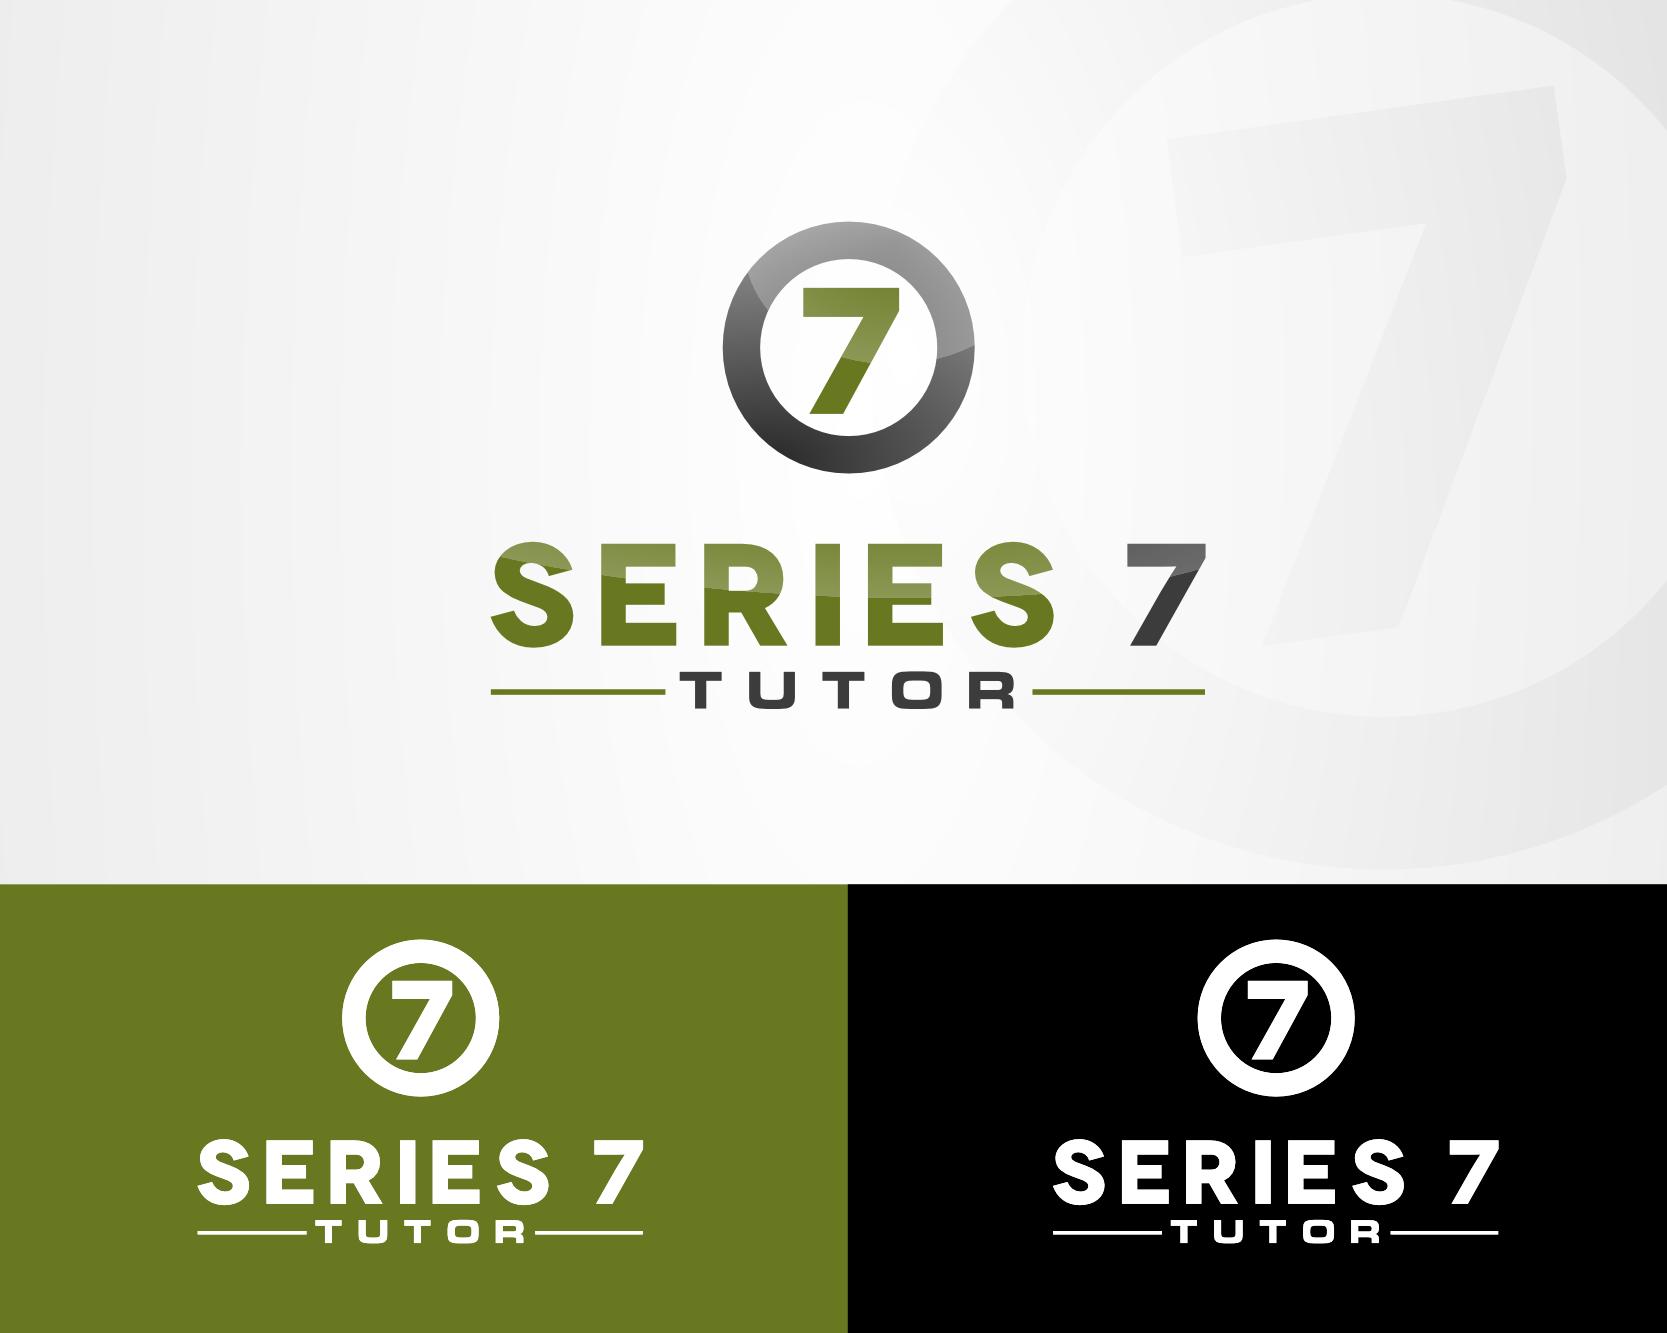 logo for Series 7 Tutor